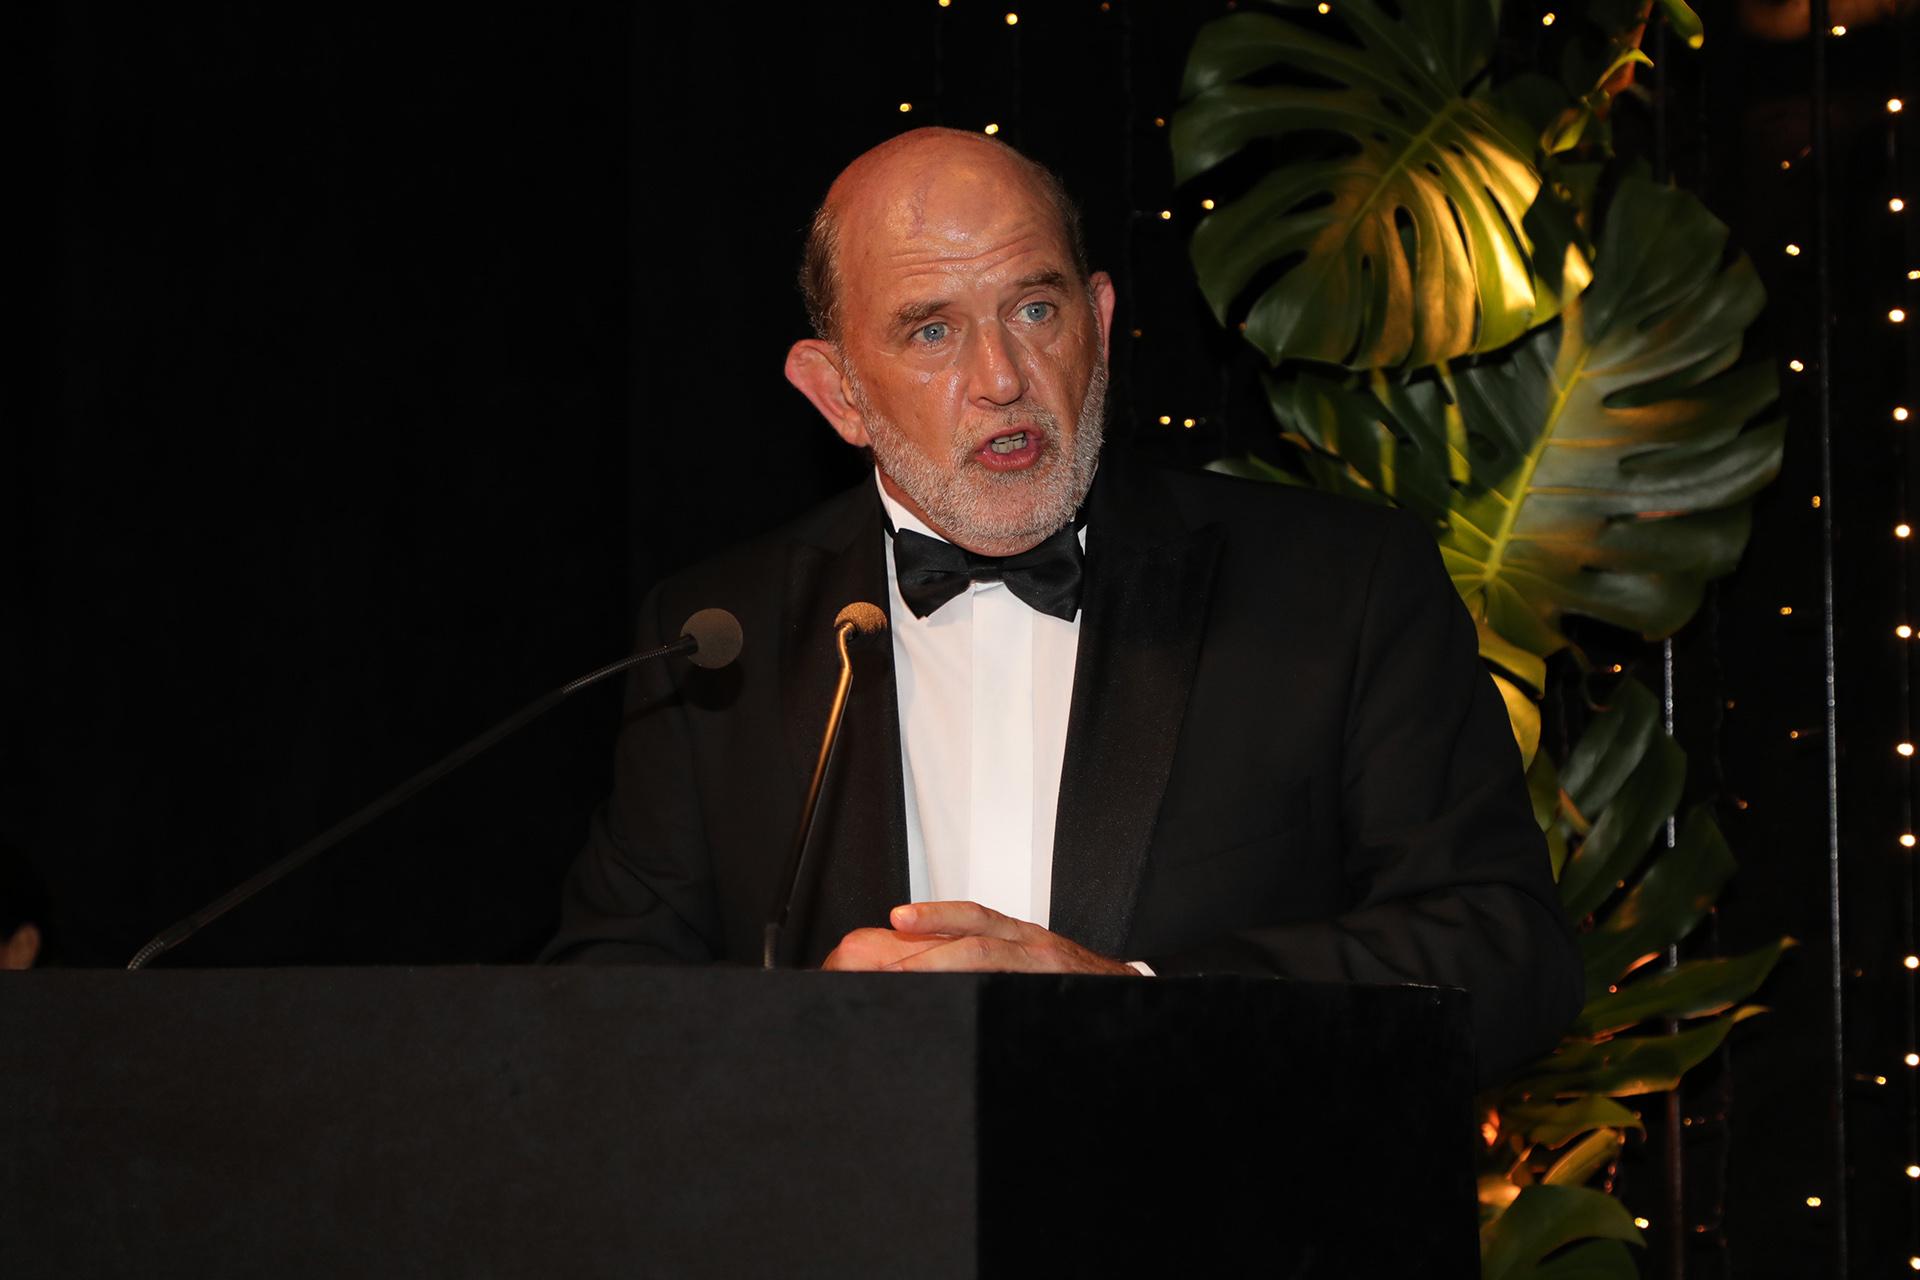 Las palabras del Dr Manuel Rocca Rivarola, jefe del Departamento Materno Infantil del Hospital Universitario Austral